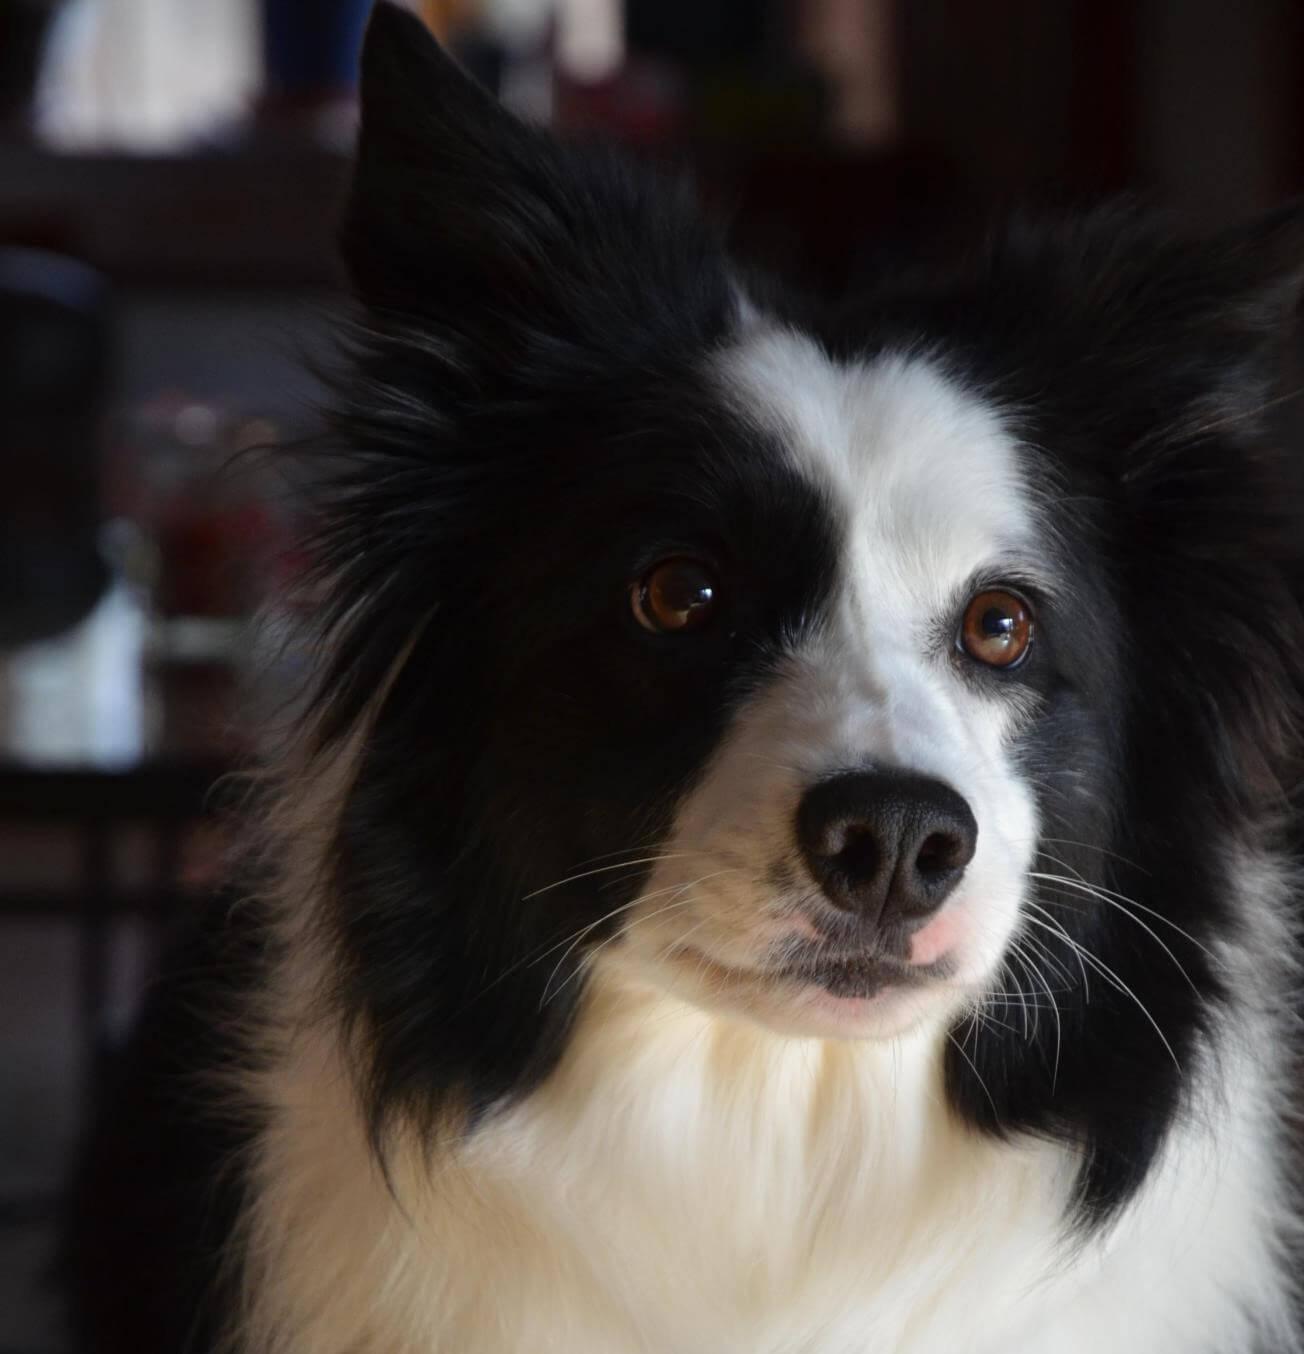 Recetas caseras para perros: Galletas de manzana